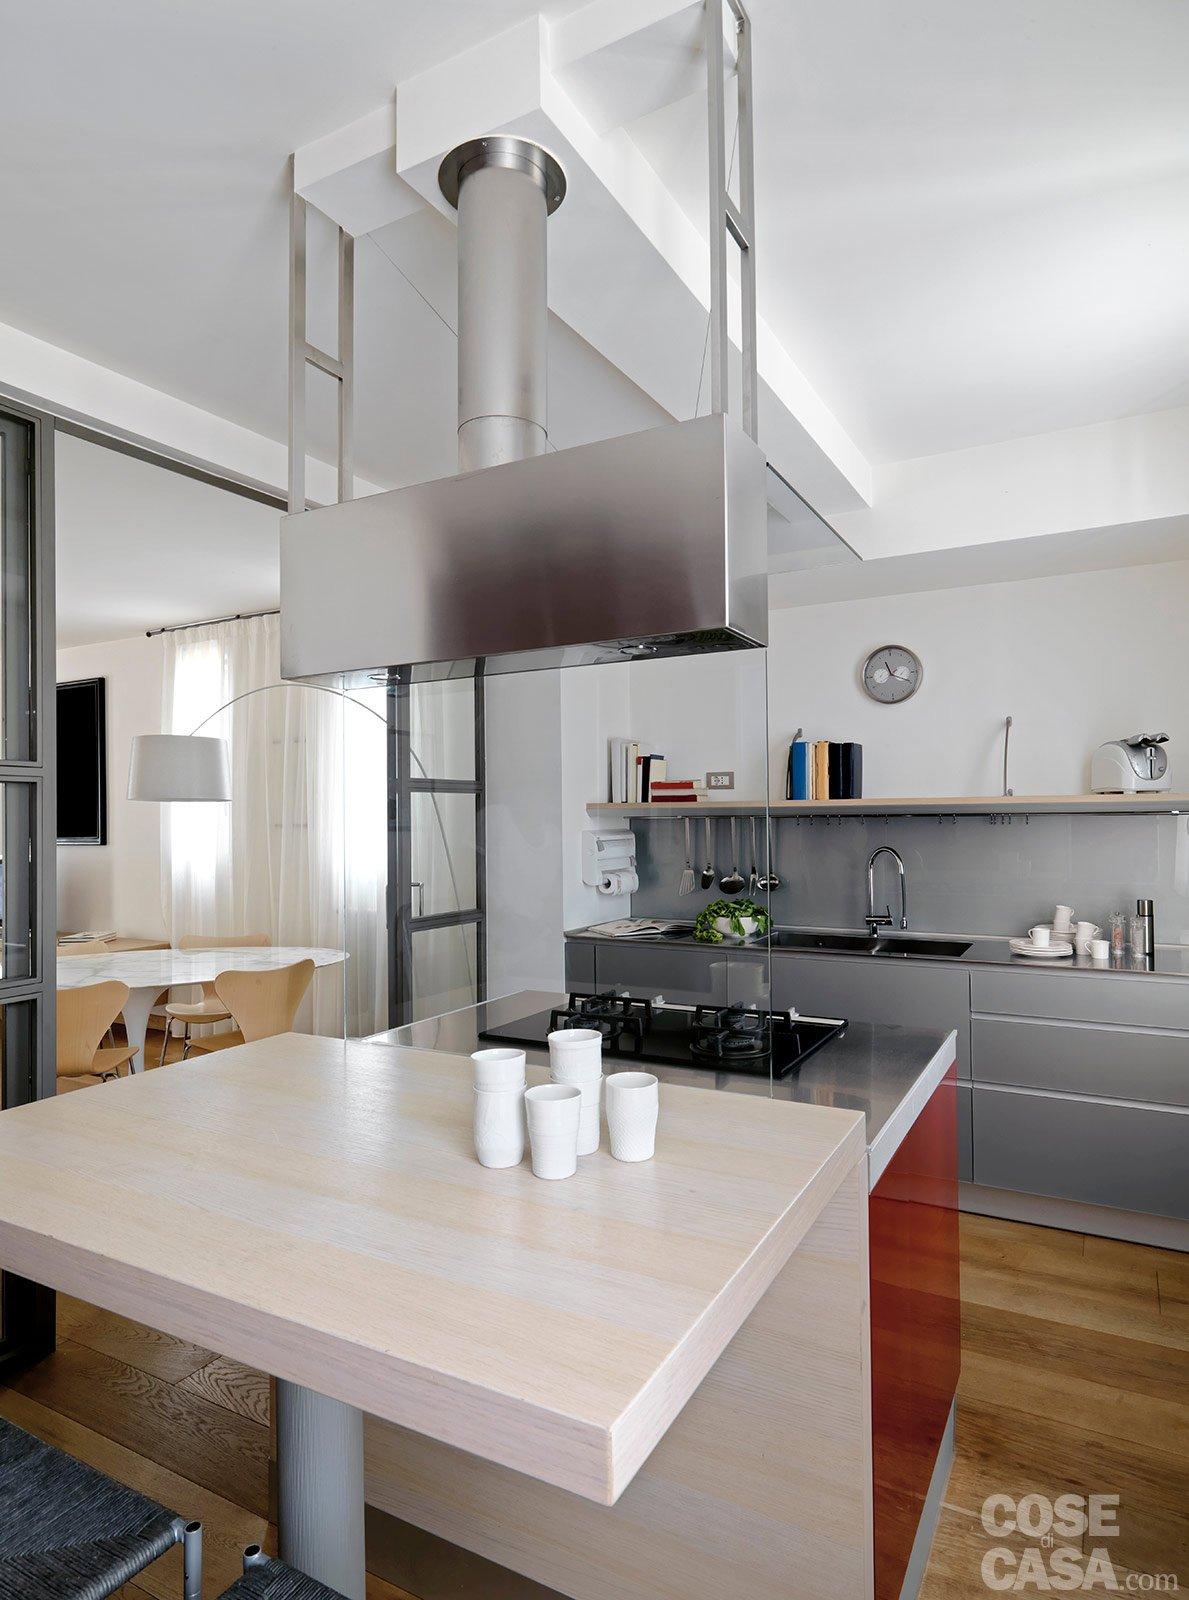 Una casa con zona giorno open space e camera sottotetto - Cucine sospese da terra ...